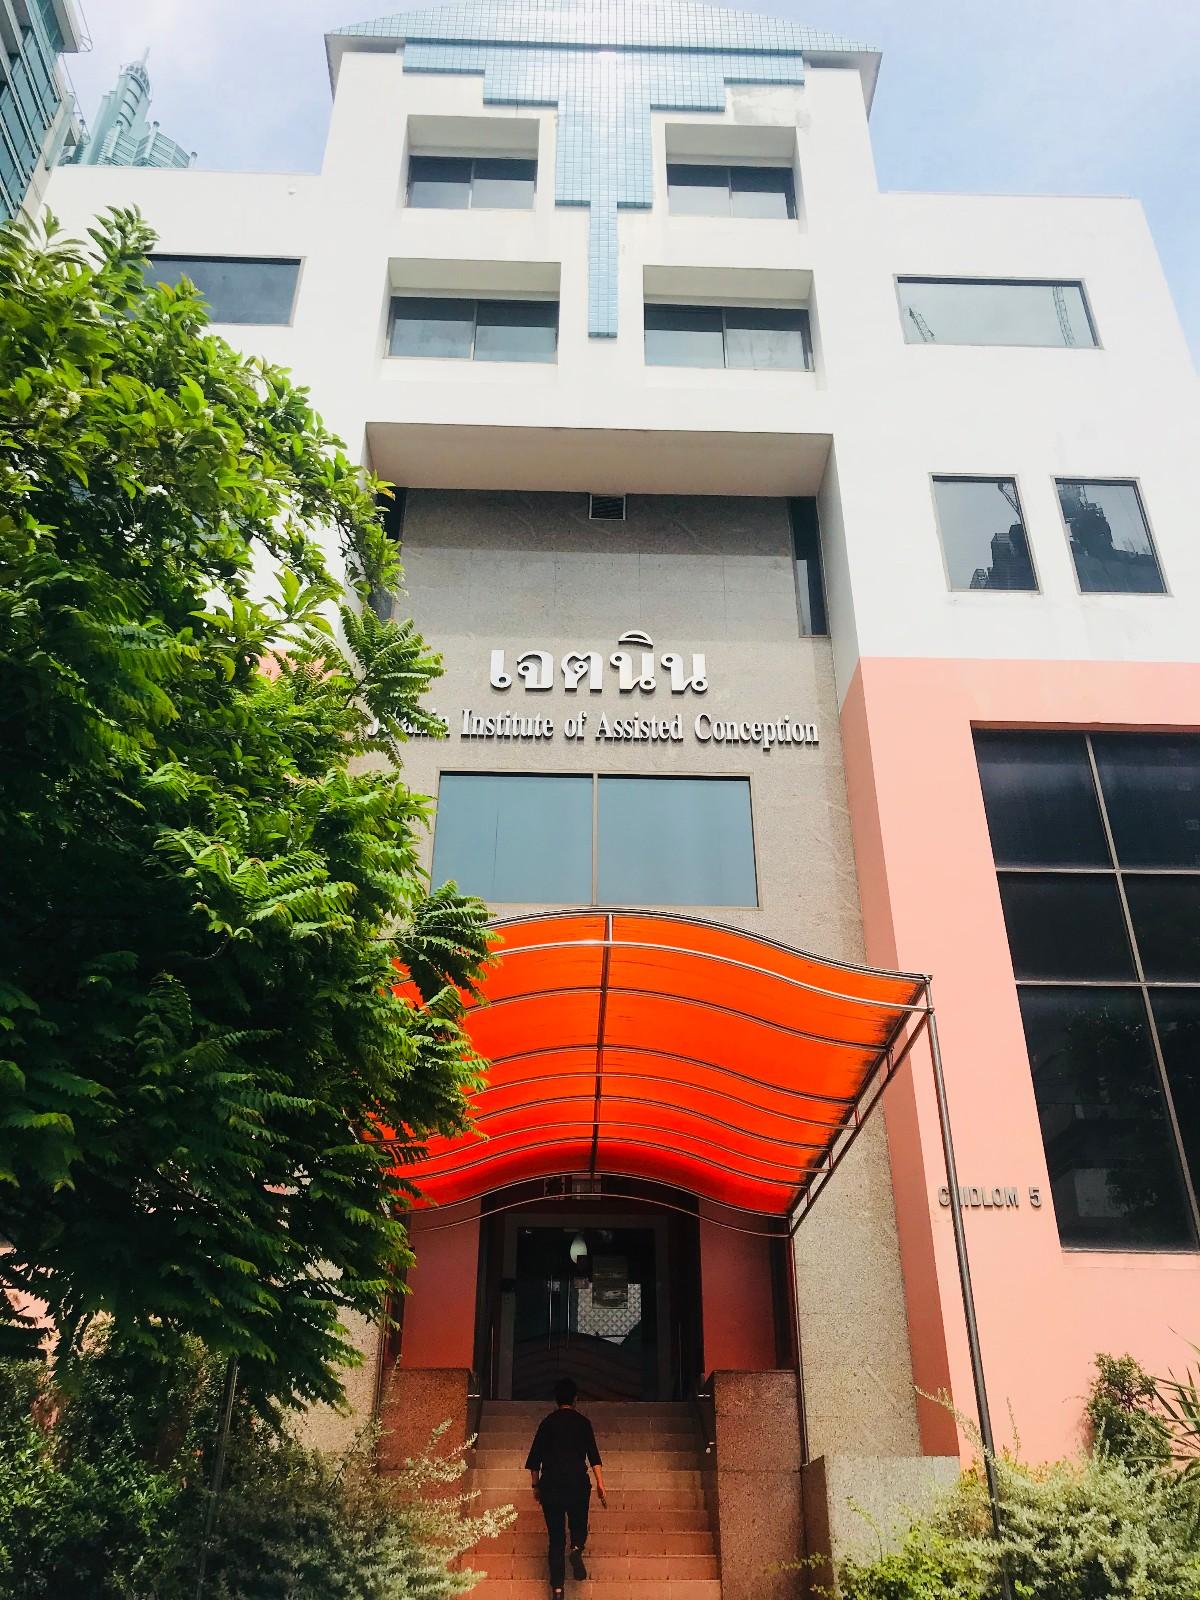 泰国杰特宁研究所